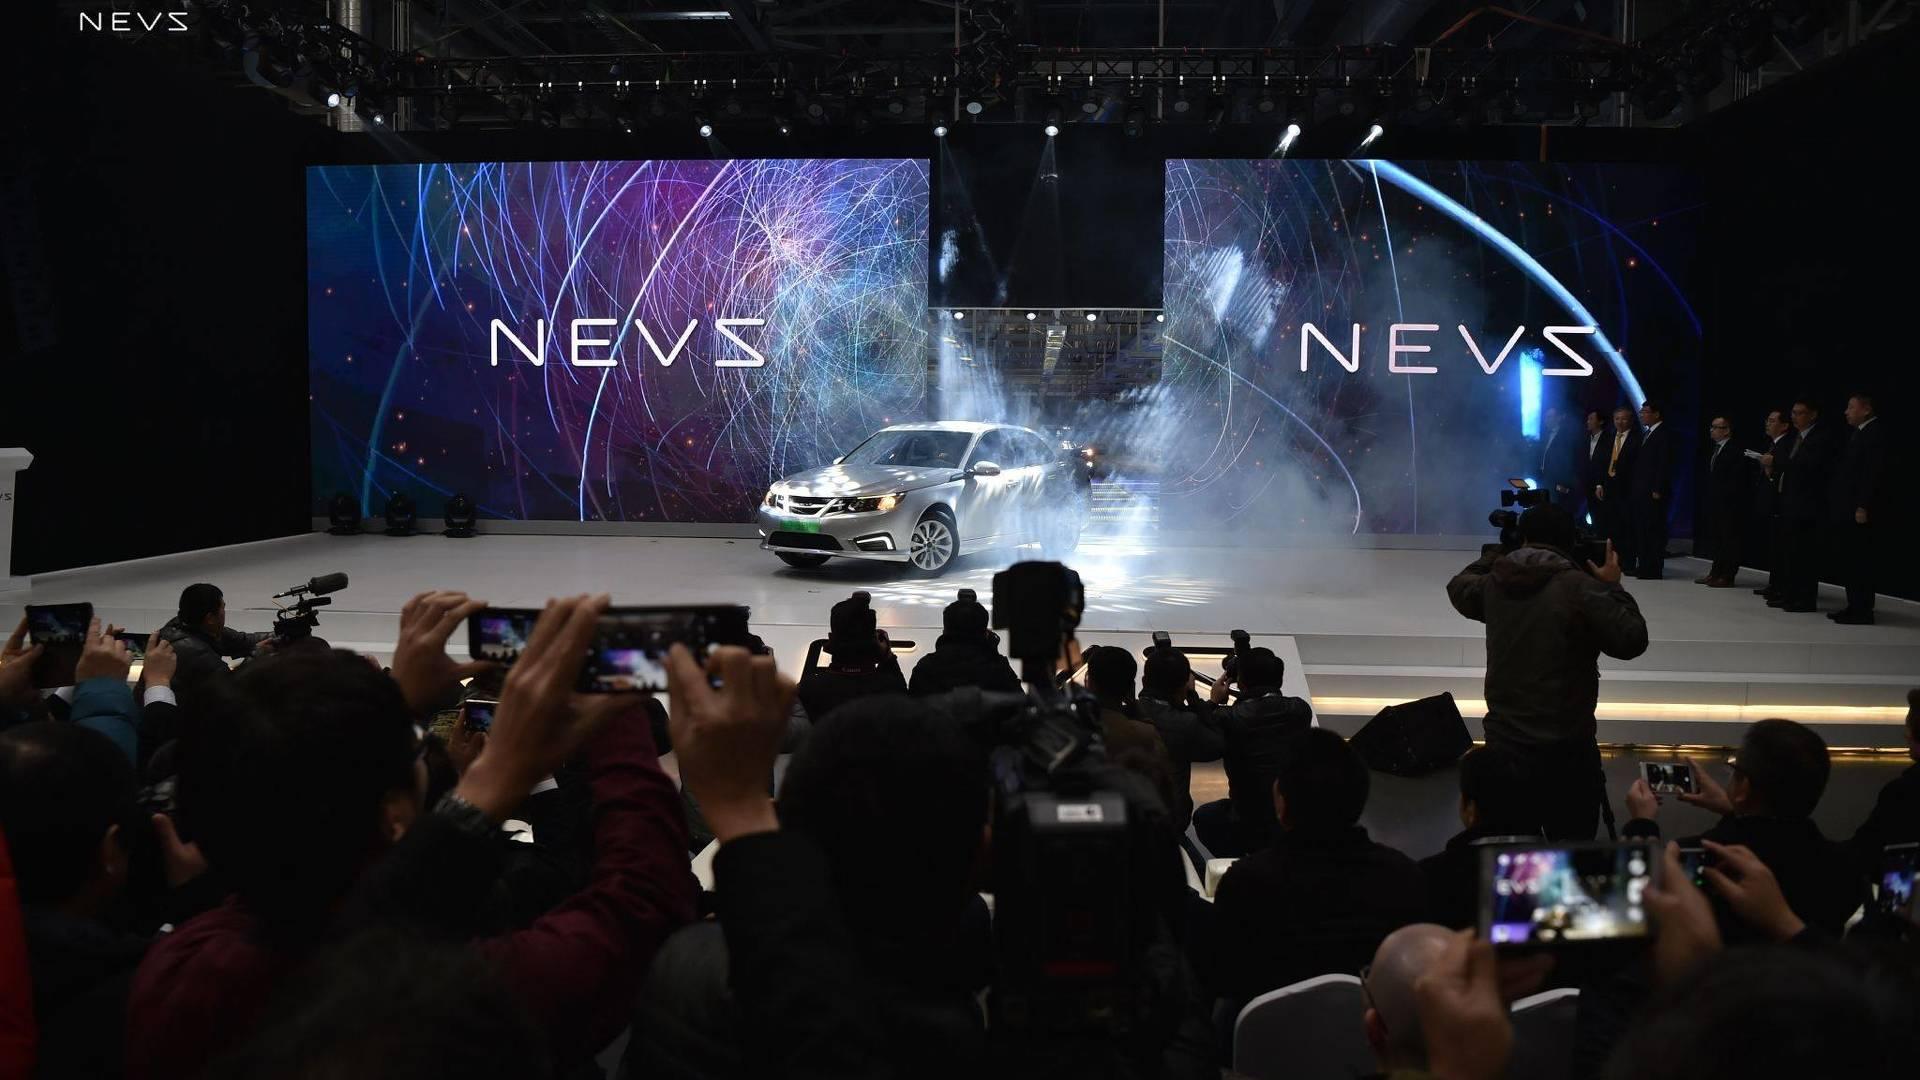 تولید NEVS 9-3 - اجاره حودرو -اجاره ماشین - کرایه ماشین